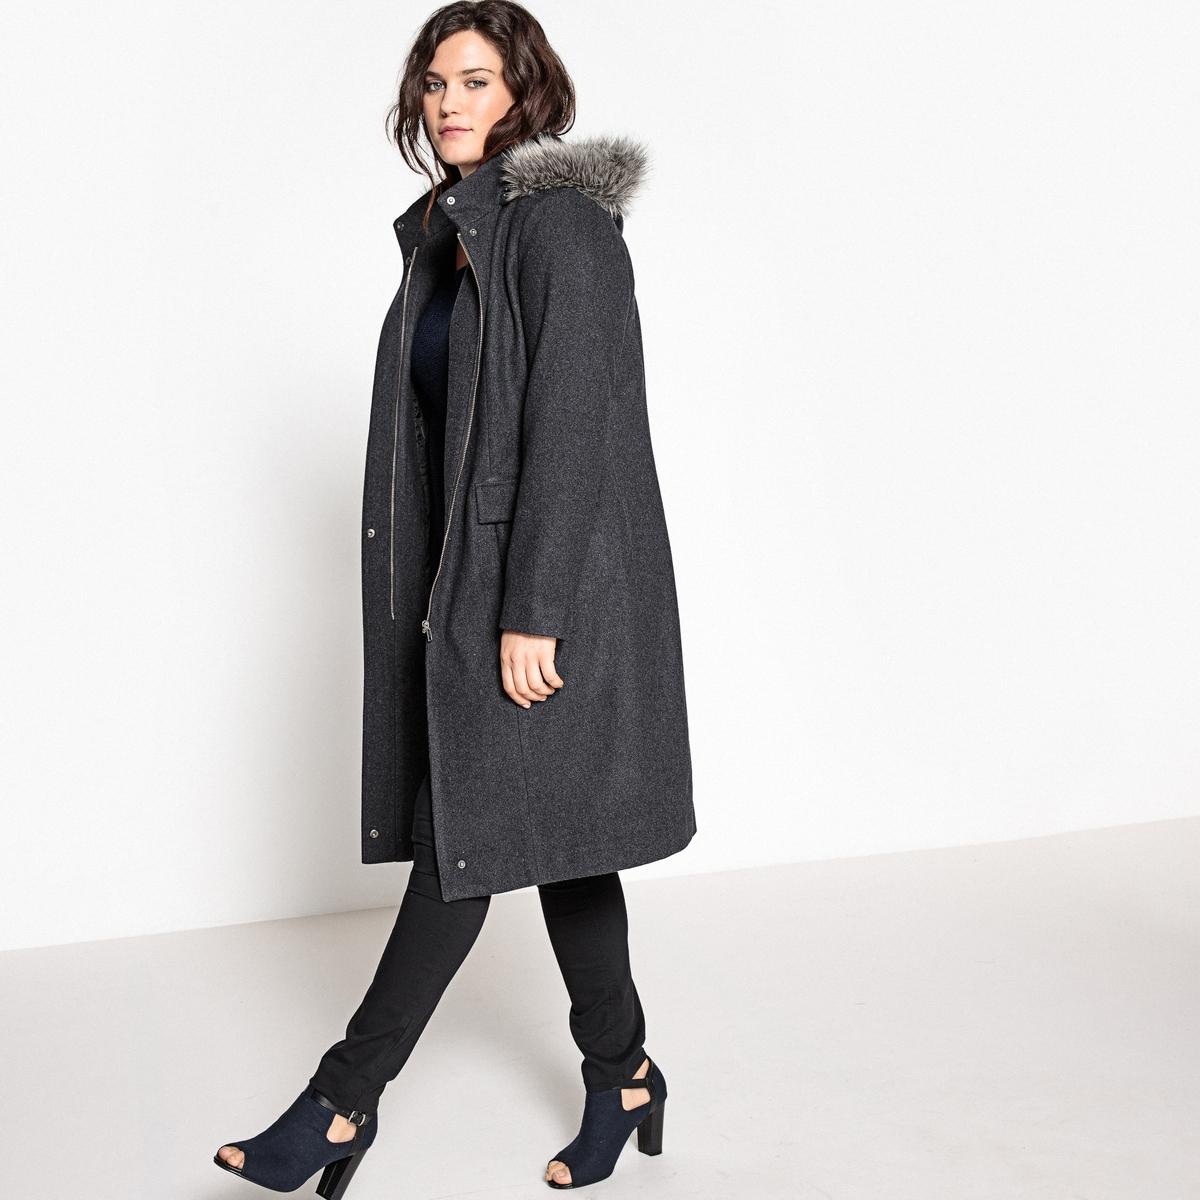 Пальто с капюшоном из искусственного мехаОписание:Вам захочется закутаться в это длинное пальто с капюшоном, которое защитит вас в любую непогоду. Пальто с капюшоном из шерстяного драпа незаменимо в вашем гардеробе.Детали •  Длина : удлиненная модель •  Капюшон •  Застежка на молнию •  С капюшоном Состав и уход •  60% шерсти, 1% полиамида, 39% полиэстера •  Подкладка : 100% полиэстер • Не стирать • Низкая температура глажки / не отбеливать   •  Не использовать барабанную сушку  •  Деликатная сухая чисткаТовар из коллекции больших размеров •  Супатная застежка на молнию и кнопки  •  2 кармана с клапанами •  Капюшон с опушкой из искусственного меха. •  Длина : 106 см.<br><br>Цвет: серый меланж<br>Размер: 54 (FR) - 60 (RUS).50 (FR) - 56 (RUS).48 (FR) - 54 (RUS)